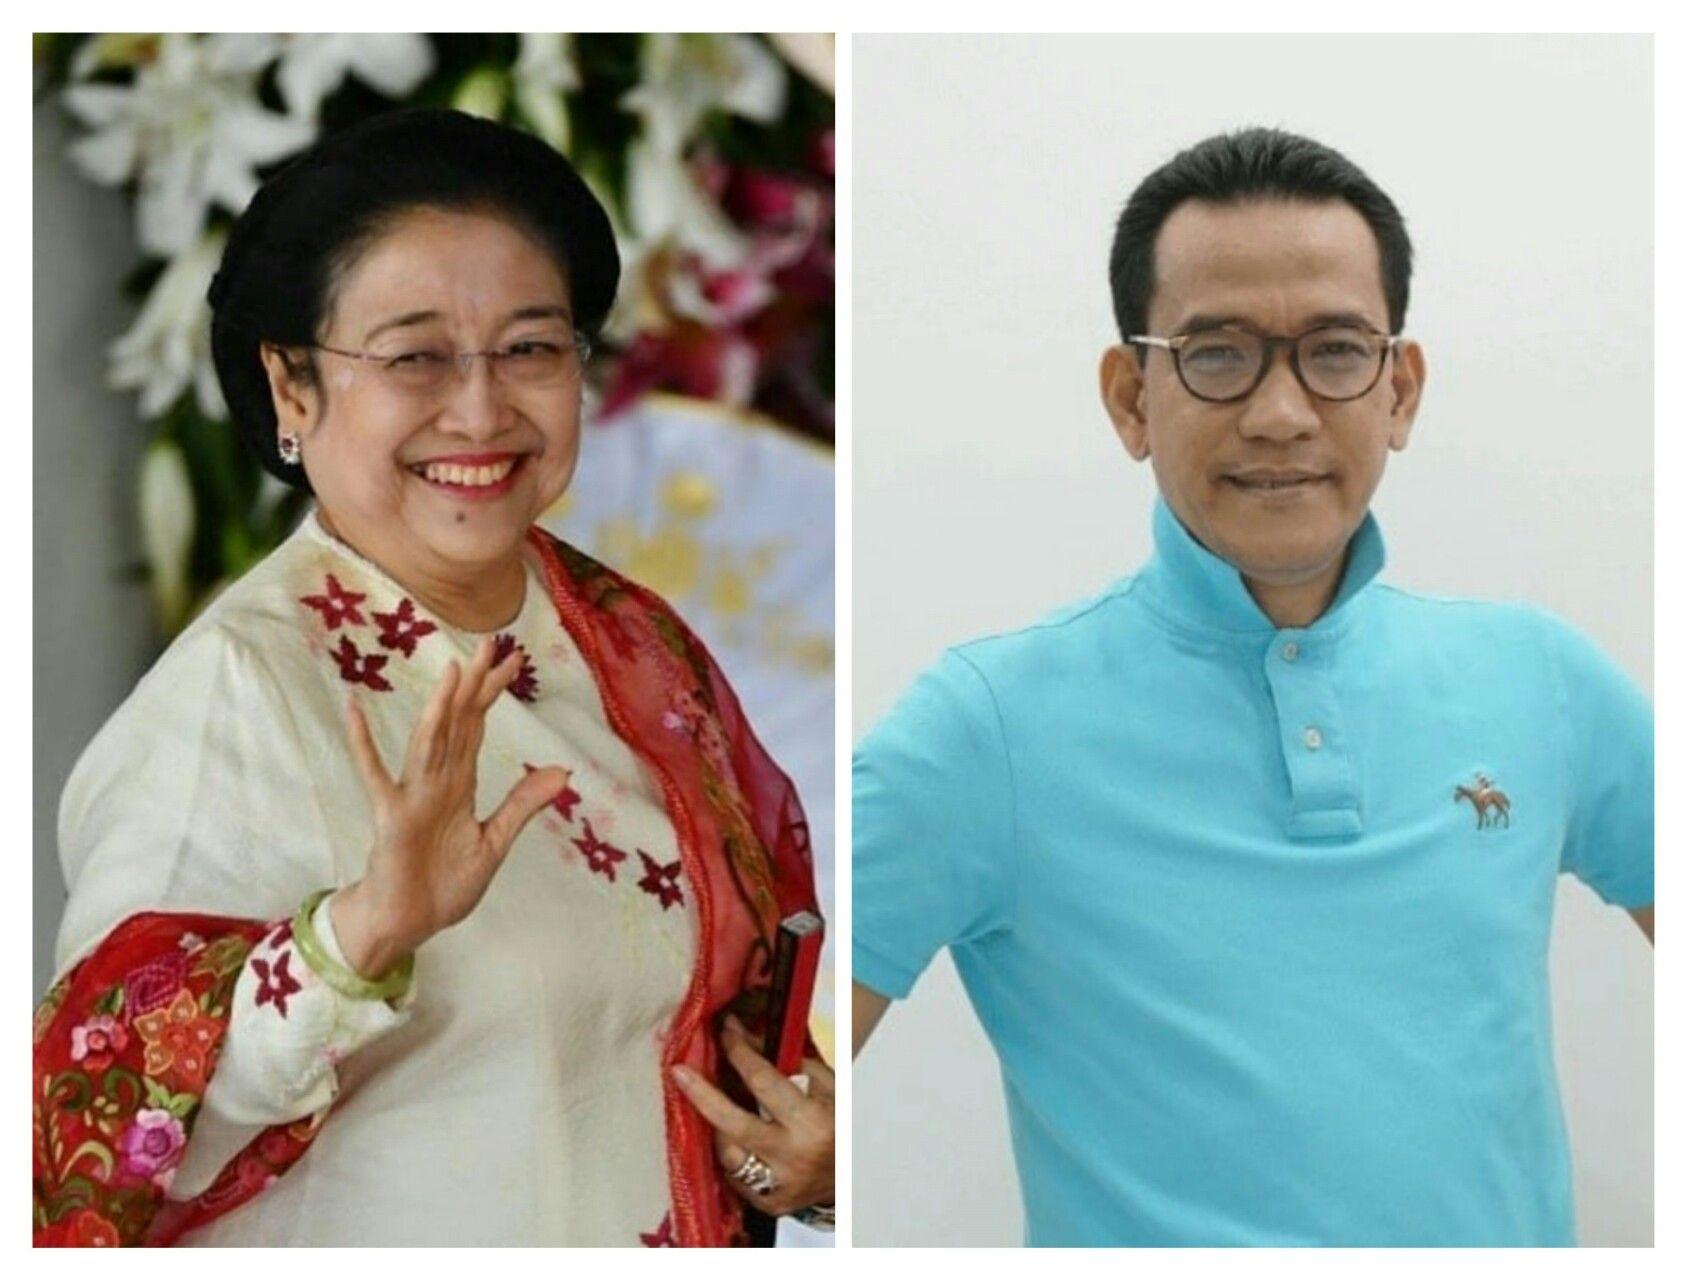 Penyebar Berita Kondisi Kesehatan Megawati Menurun Bakal Dipenjarakan, Begini Tanggapan Refly Harun